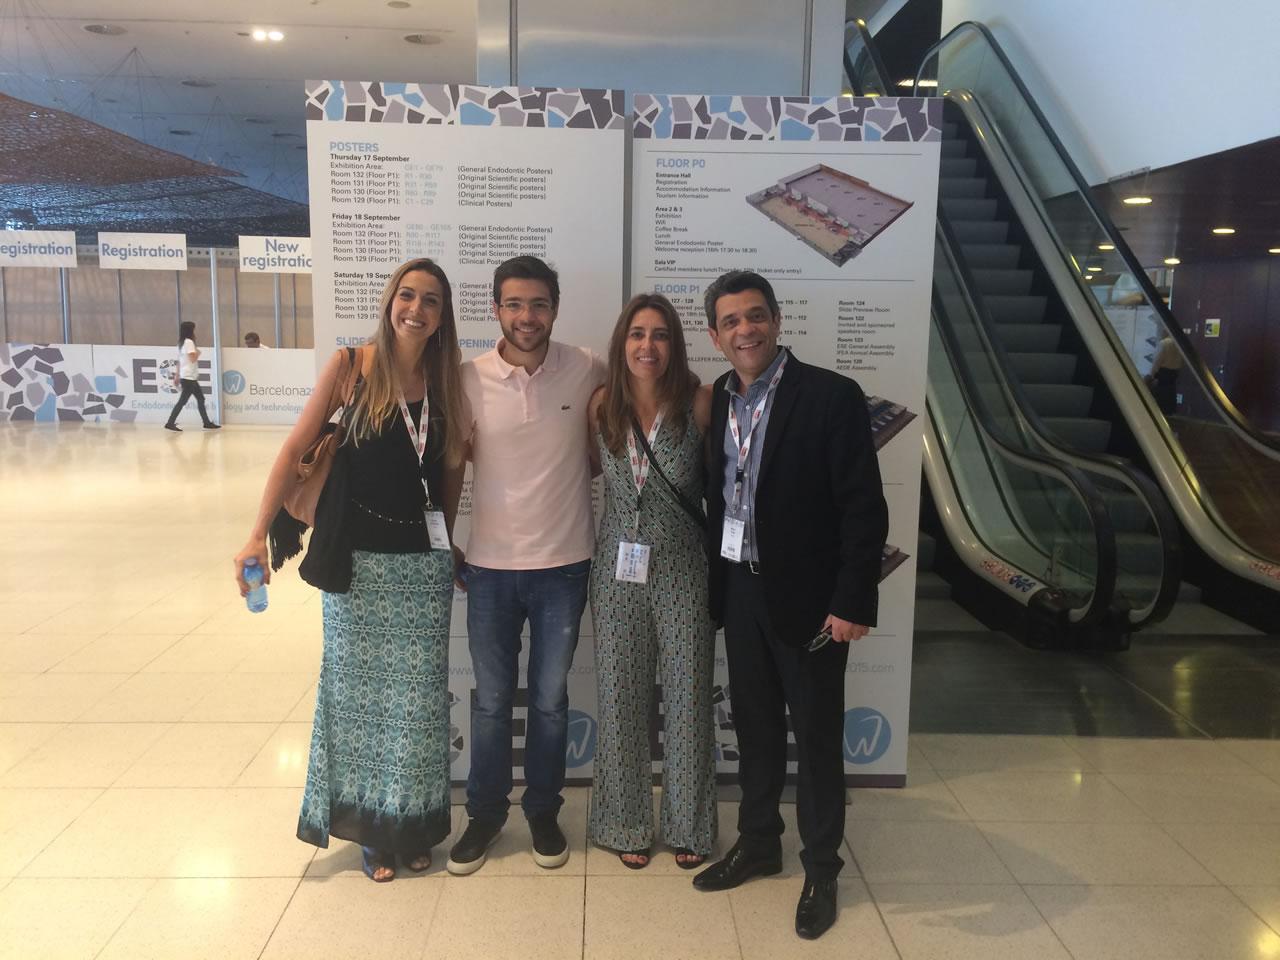 Professores Priscila Ferreira, Arthur Zuolo, Cristina Carvalho e Mario Zuolo durante realização do congresso.